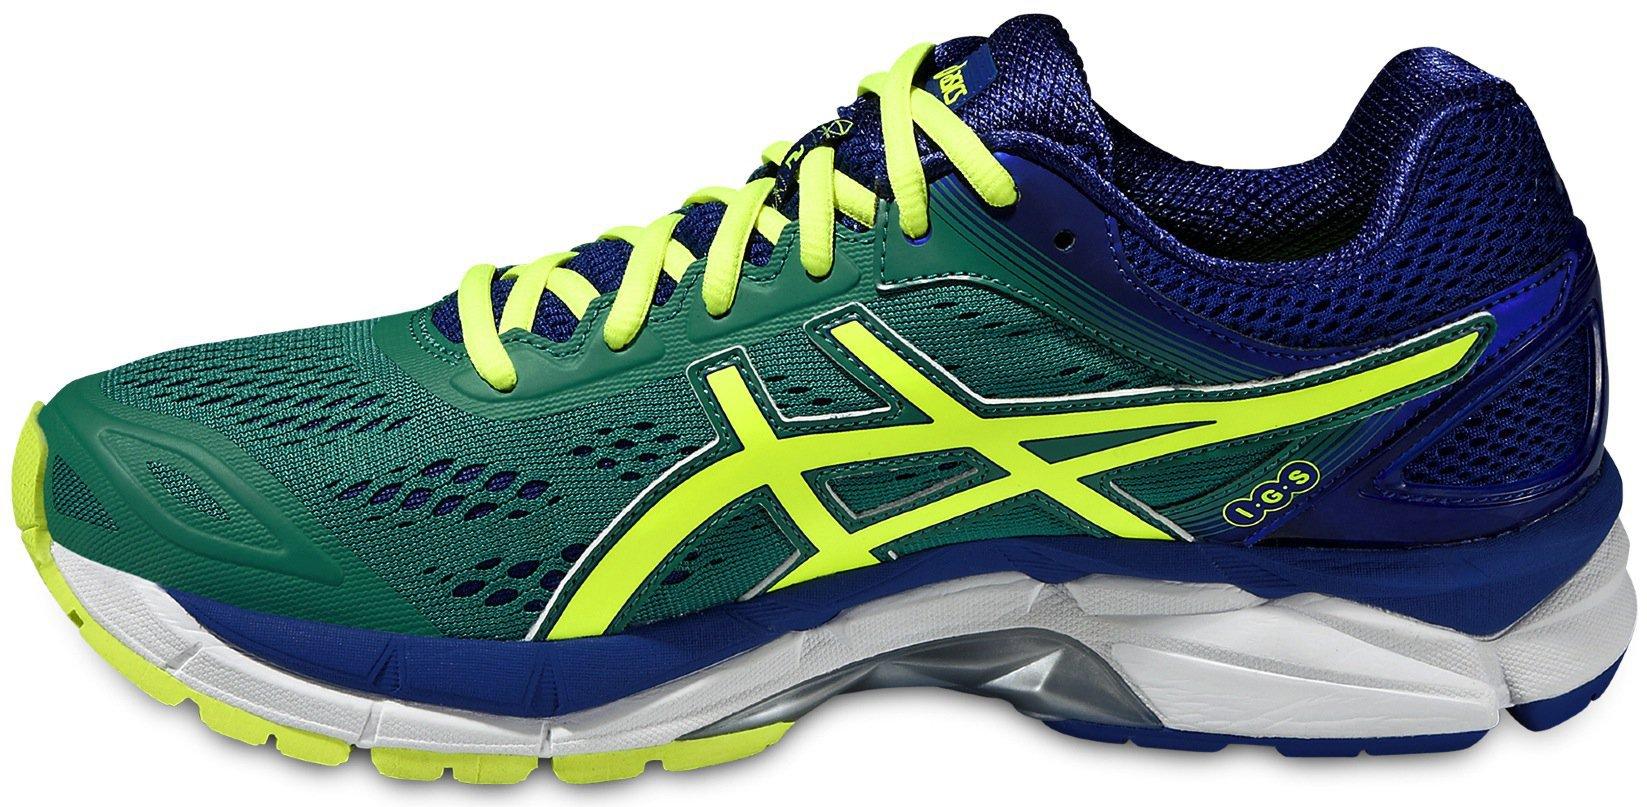 Мужская спортивная обувь Asics Gel-Pursue 2 (T5D0N 8807) фото